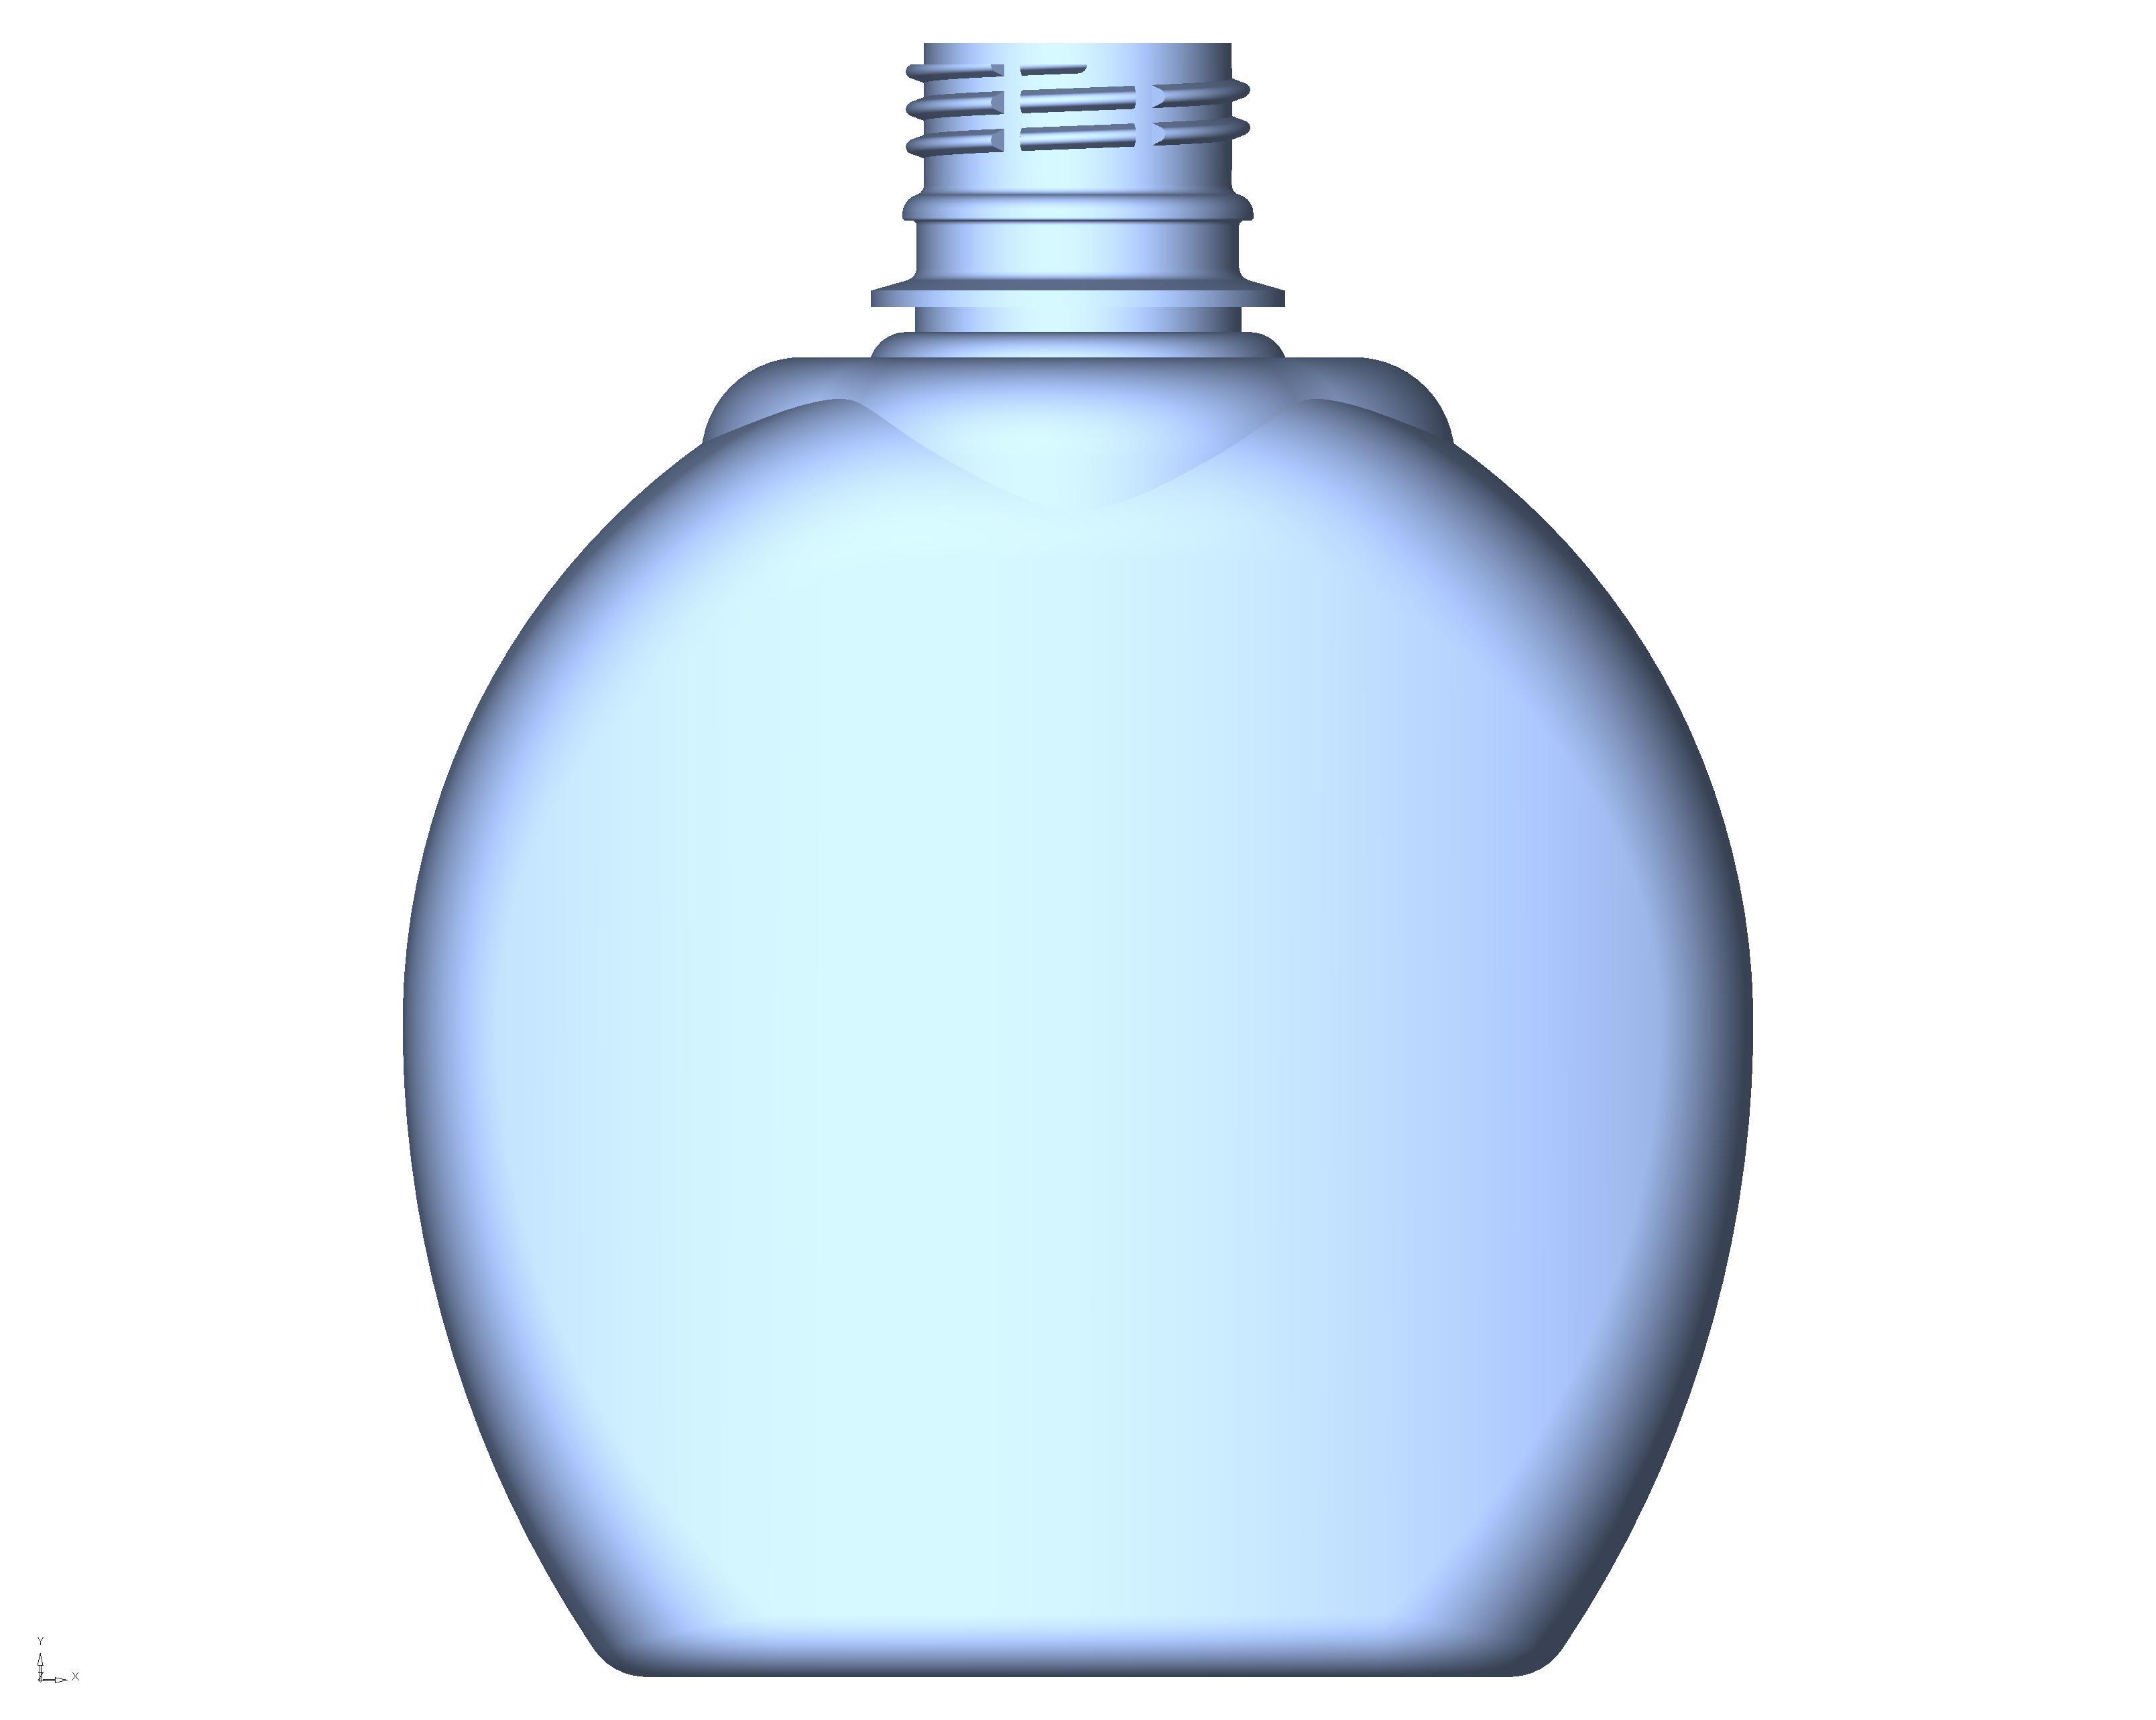 Фото бутылка в изде 13 фотография